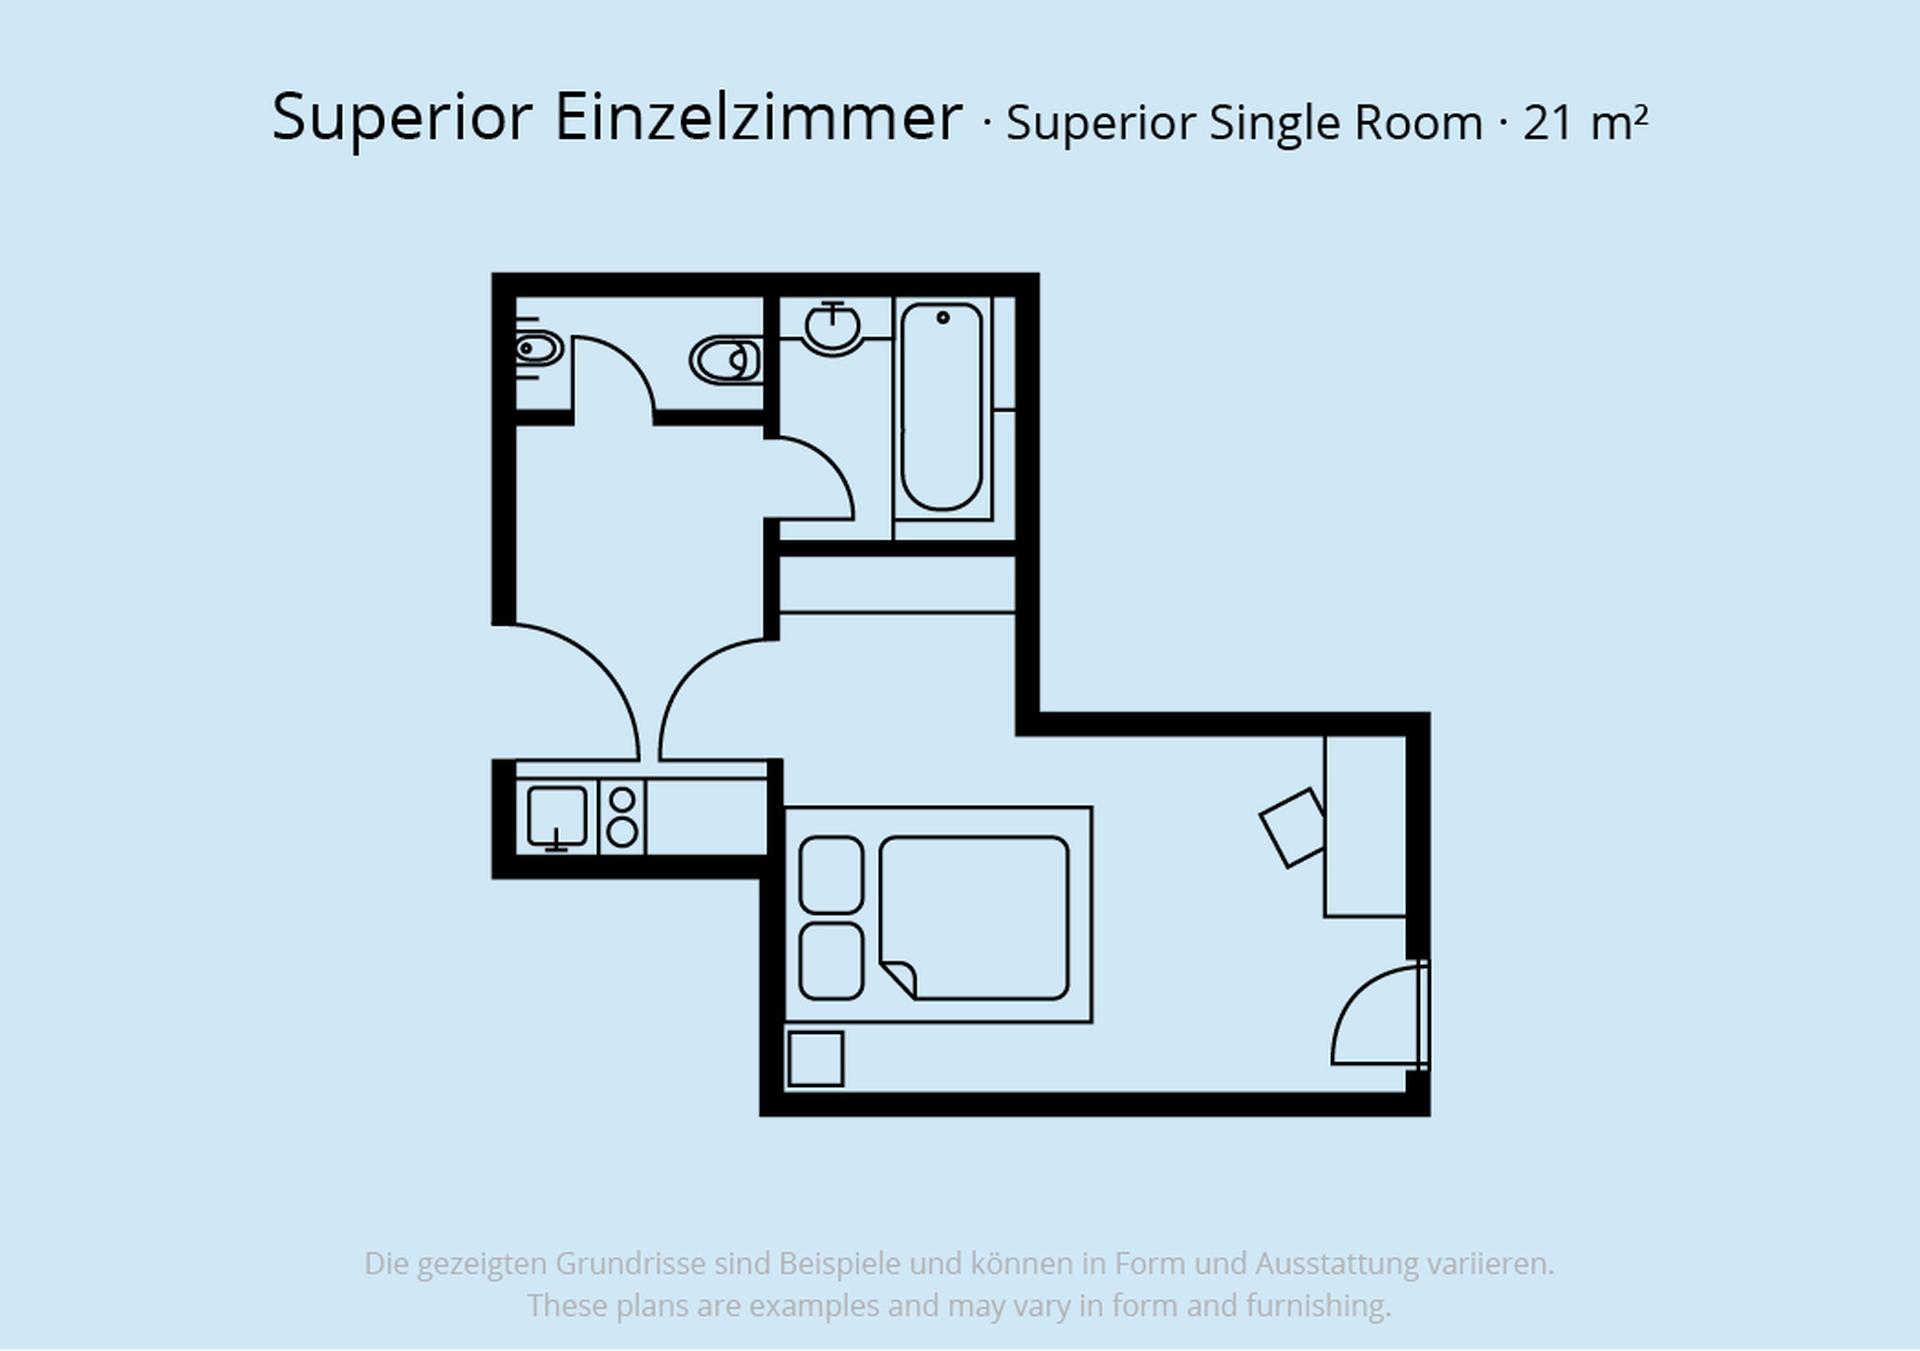 superior einzelzimmer schiller 5 schiller 5 das was andere hotel im herzen von m nchen. Black Bedroom Furniture Sets. Home Design Ideas